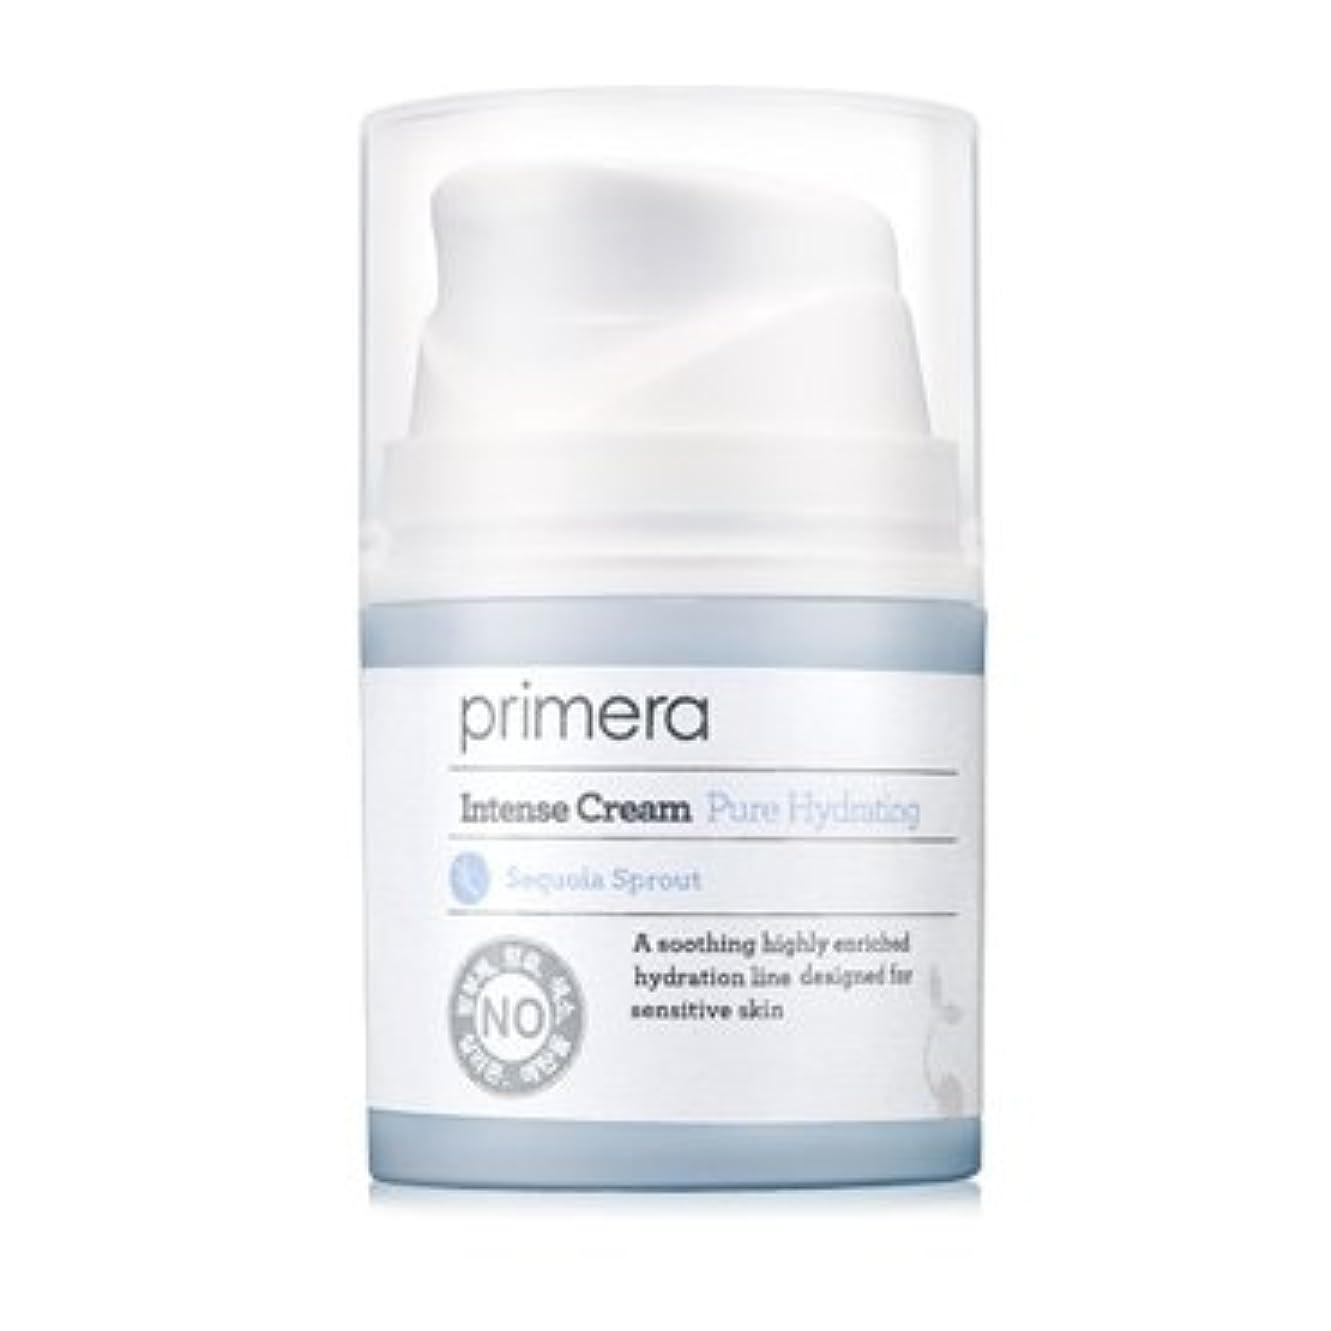 ライド広々上回るPRIMERA プリメラ ピュア ハイドレイティング インテンス クリーム(Pure Hydrating Intense Cream)30ml